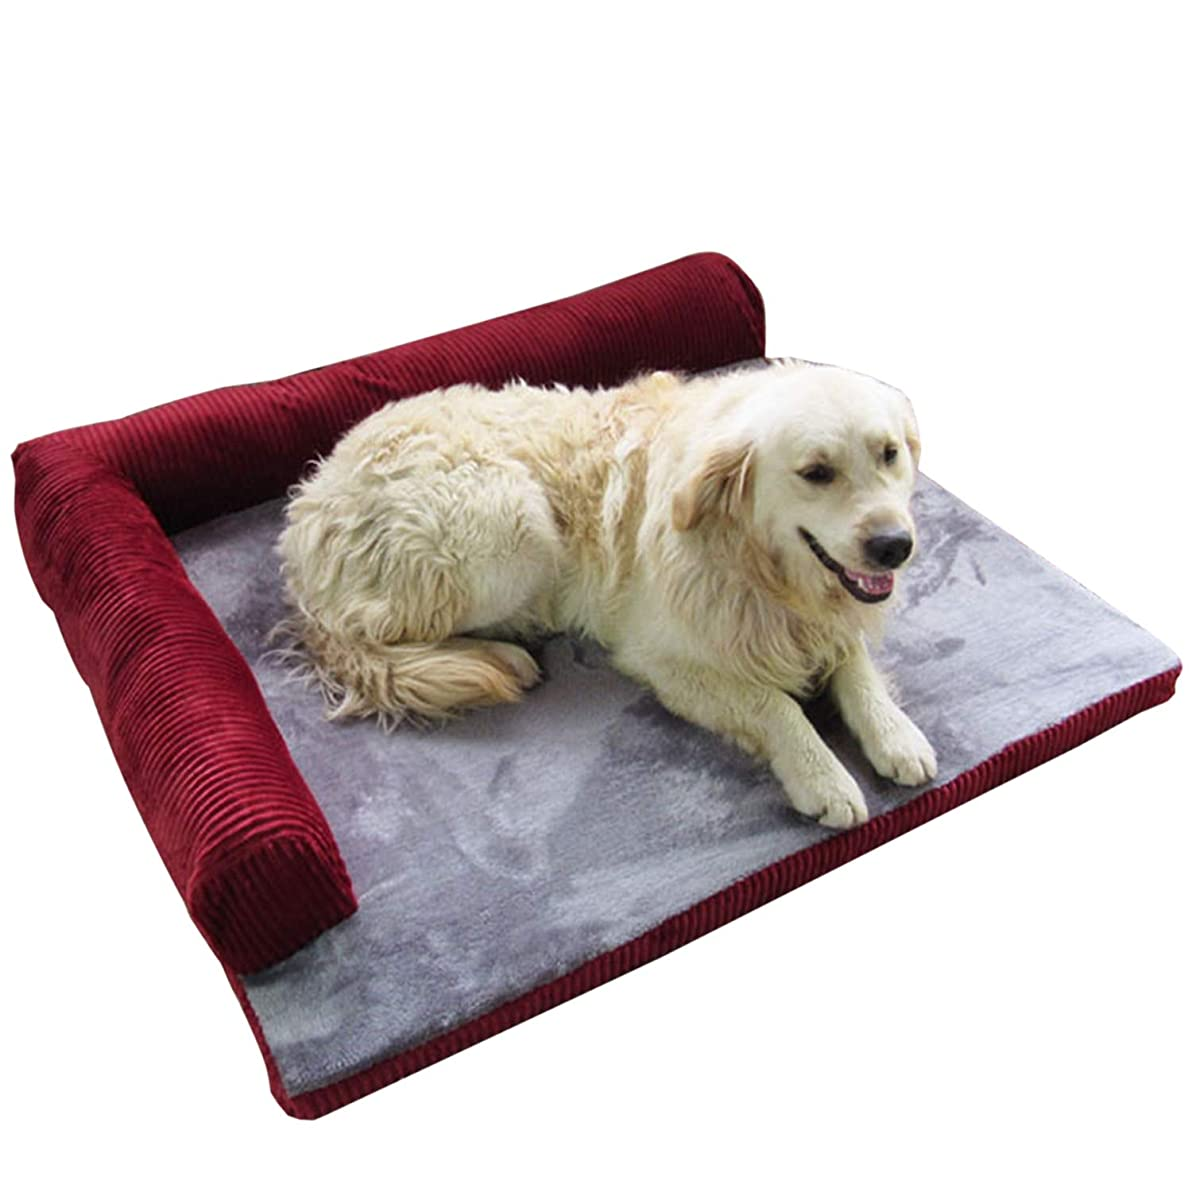 許容できる彼女自身製造Tamkyo 大型犬用犬用ベッド ペットハウスソファマット 犬用ベッド 冬の犬小屋 柔らかいペット猫のハウスブランケットクッション ハスキーラブラドール用-レッド